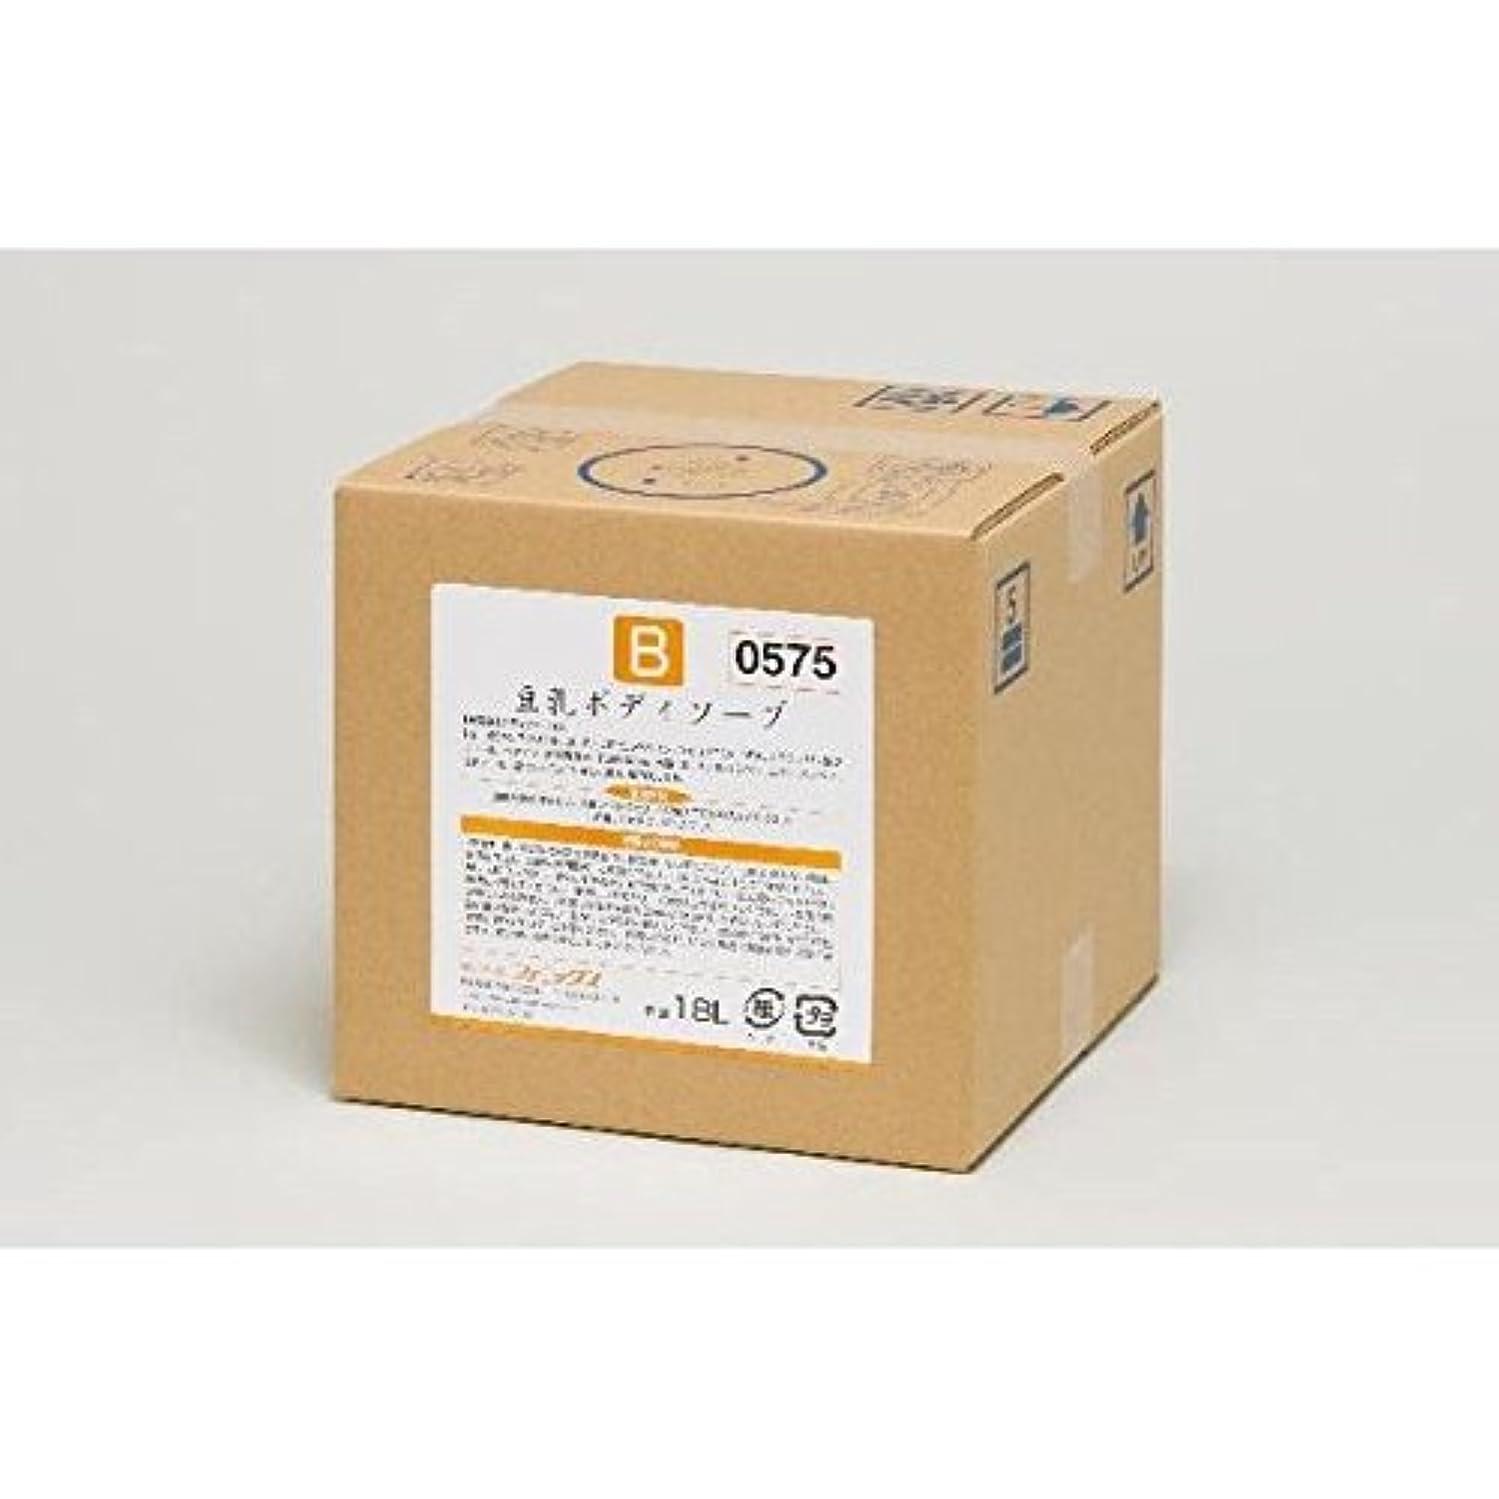 問い合わせ刺激する束ねる豆乳ボディソープ / 00090575 18L 1缶